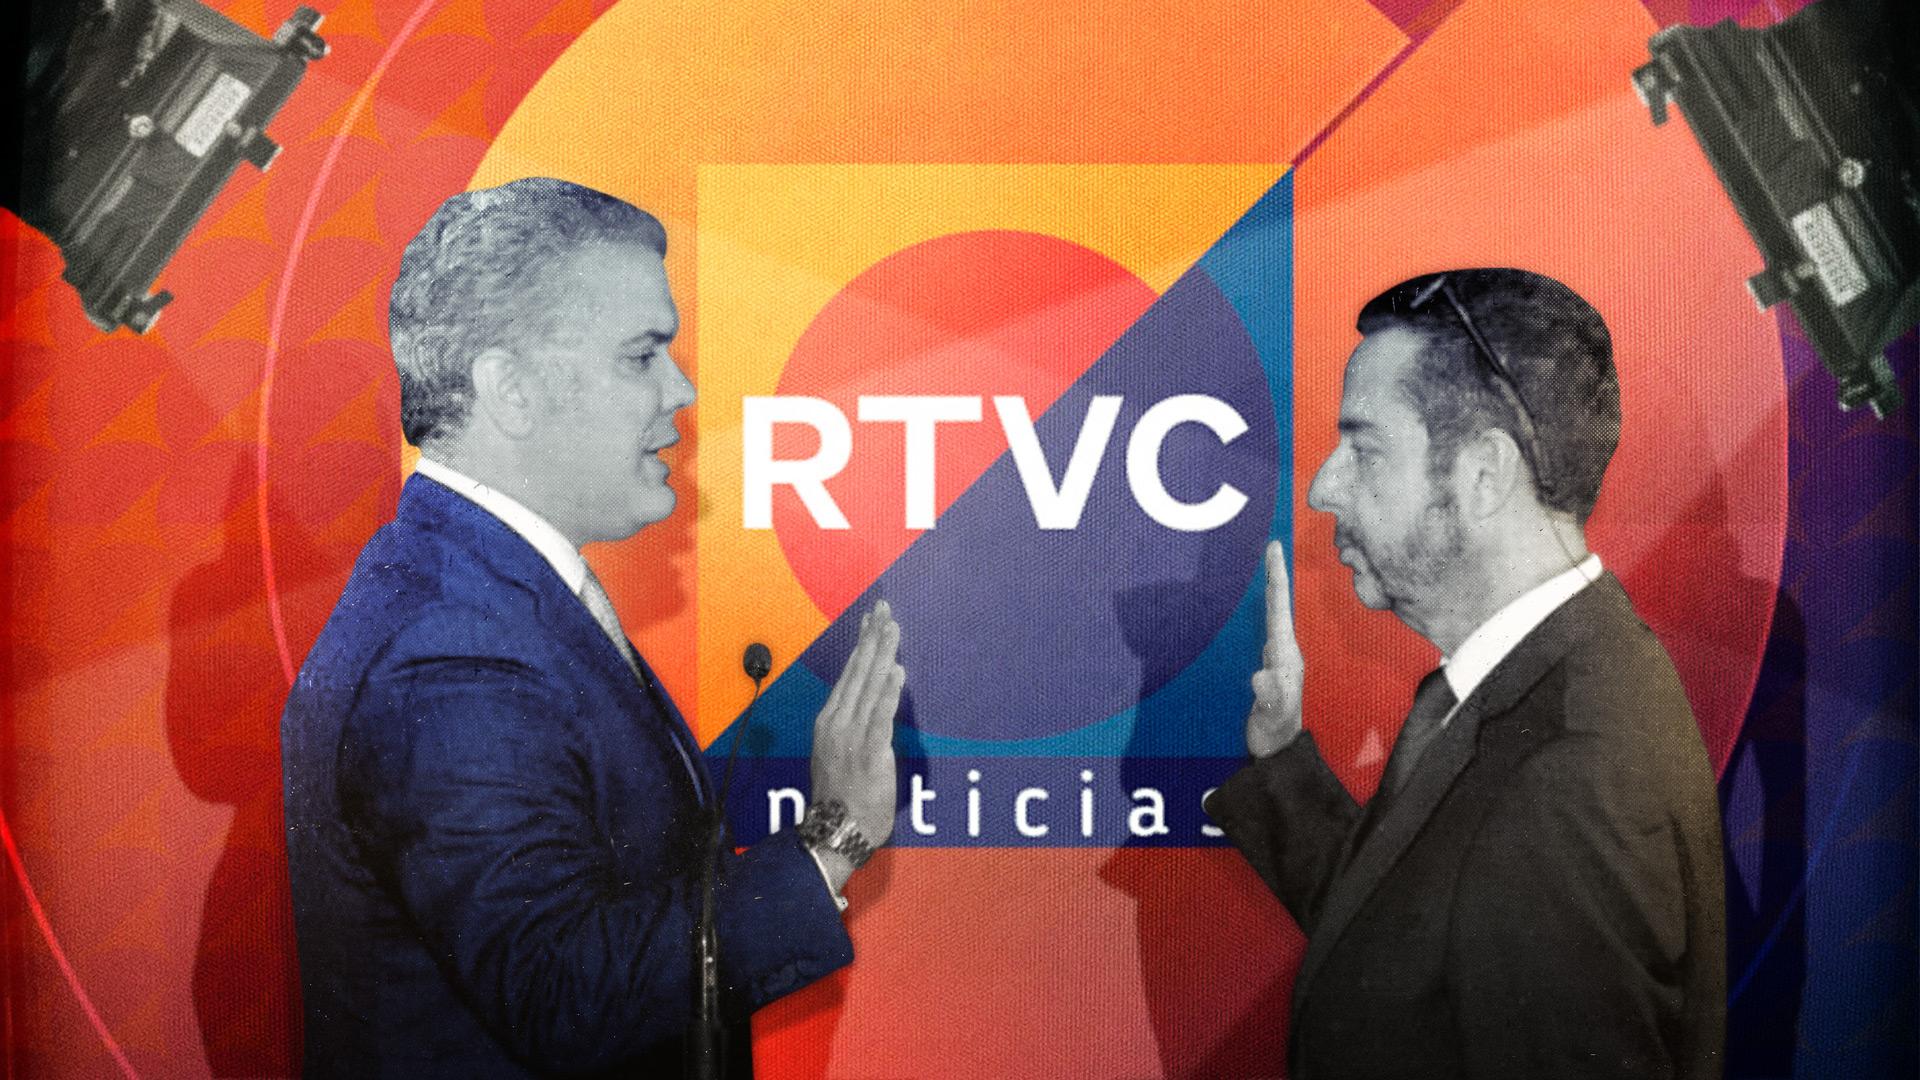 RTVC Noticias: ¿regalo o atentado al pluralismo?